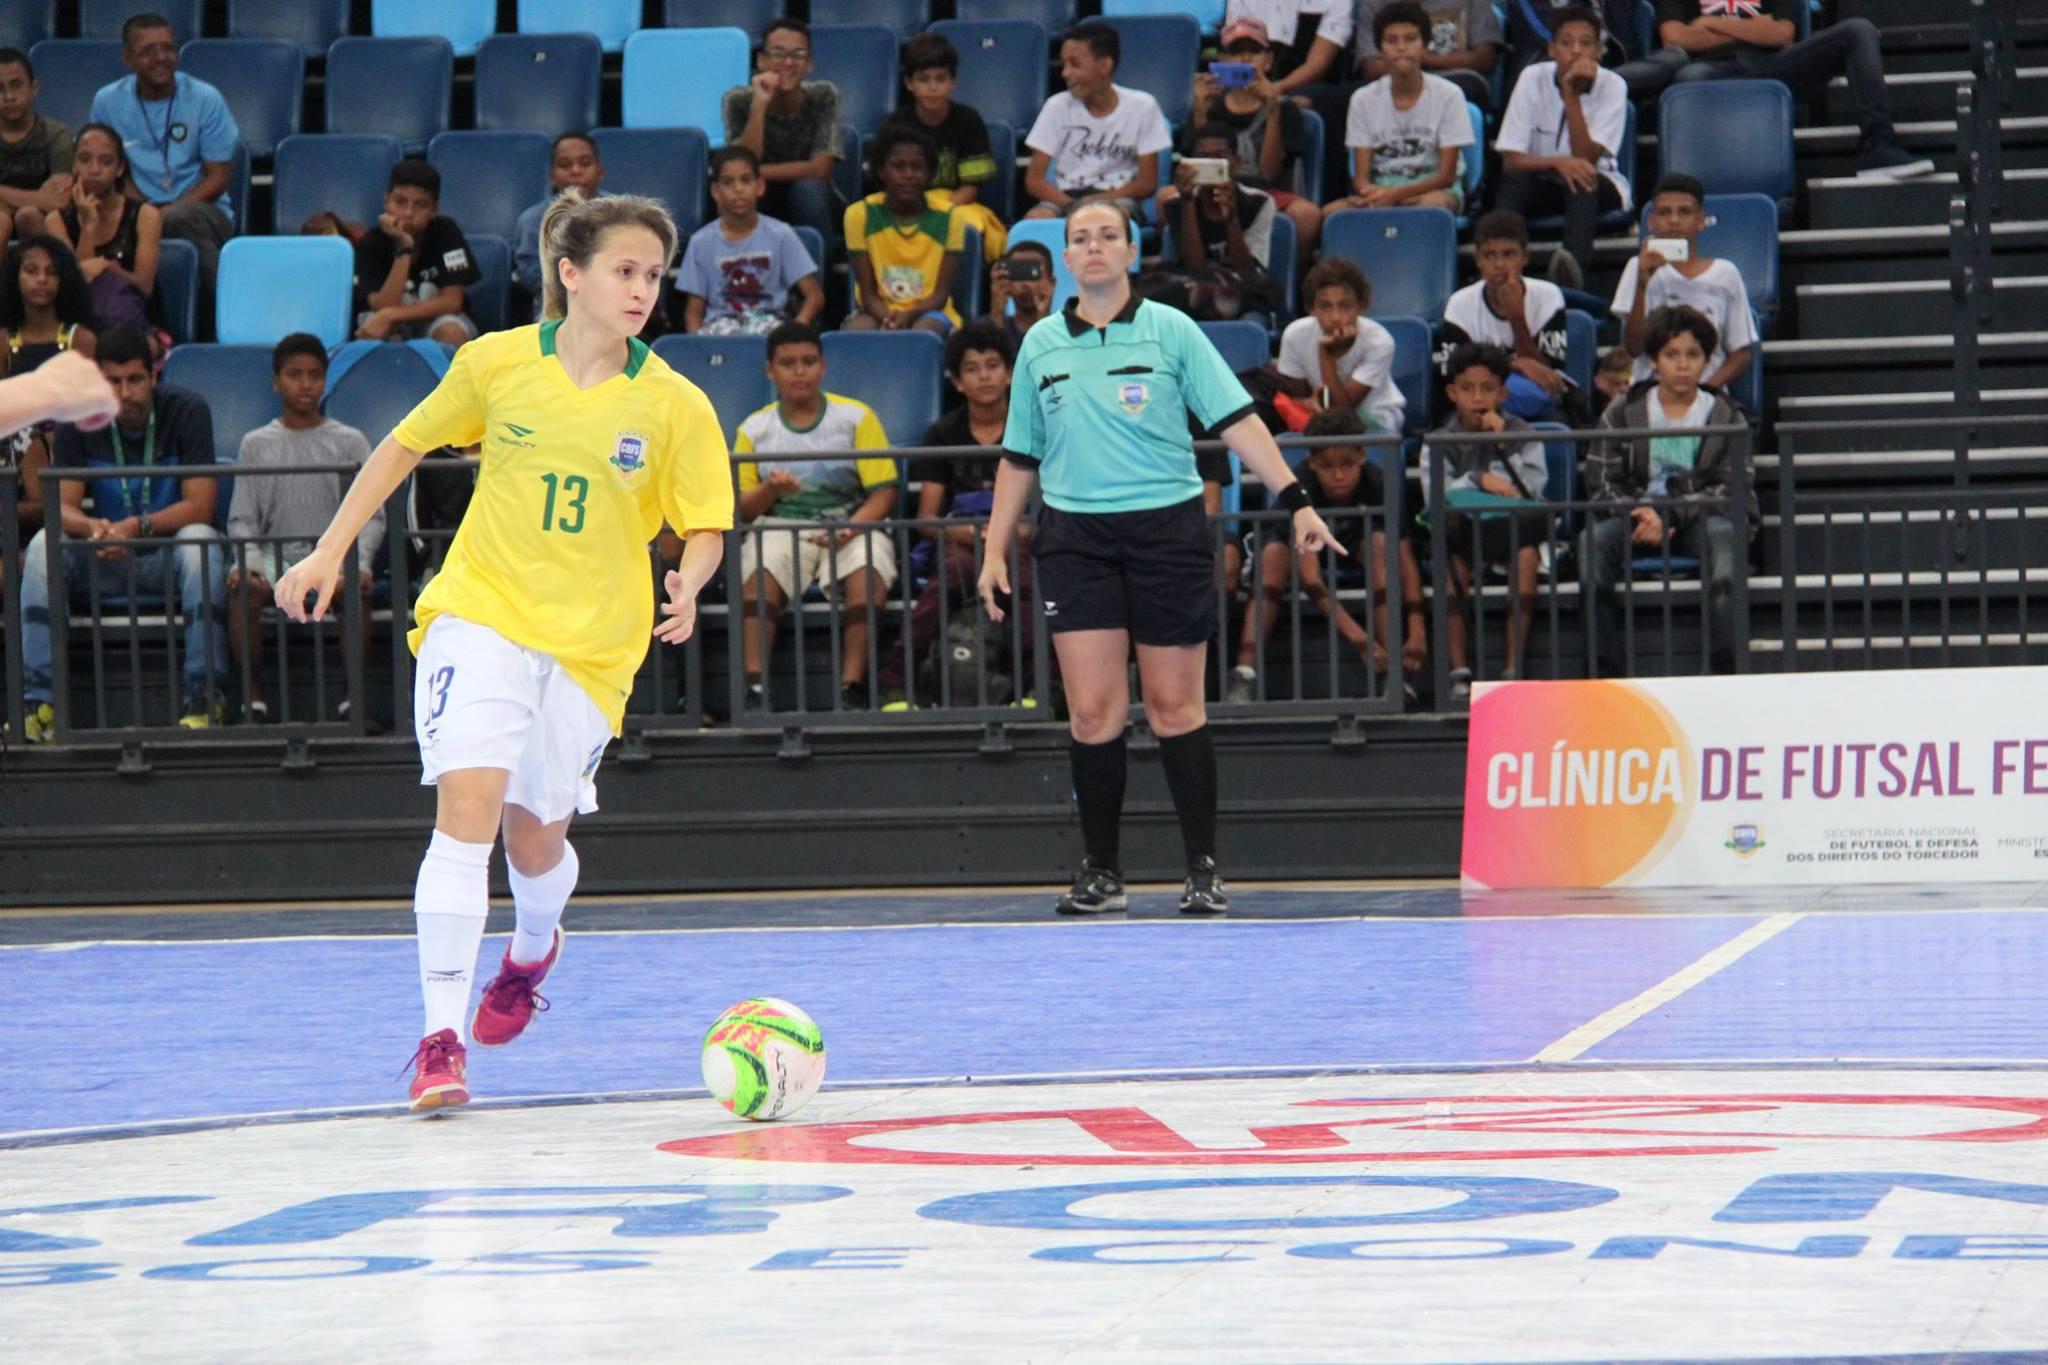 68b359cce7 Amandinha é eleita a melhor do mundo pela quarta vez pelo Futsal Planet